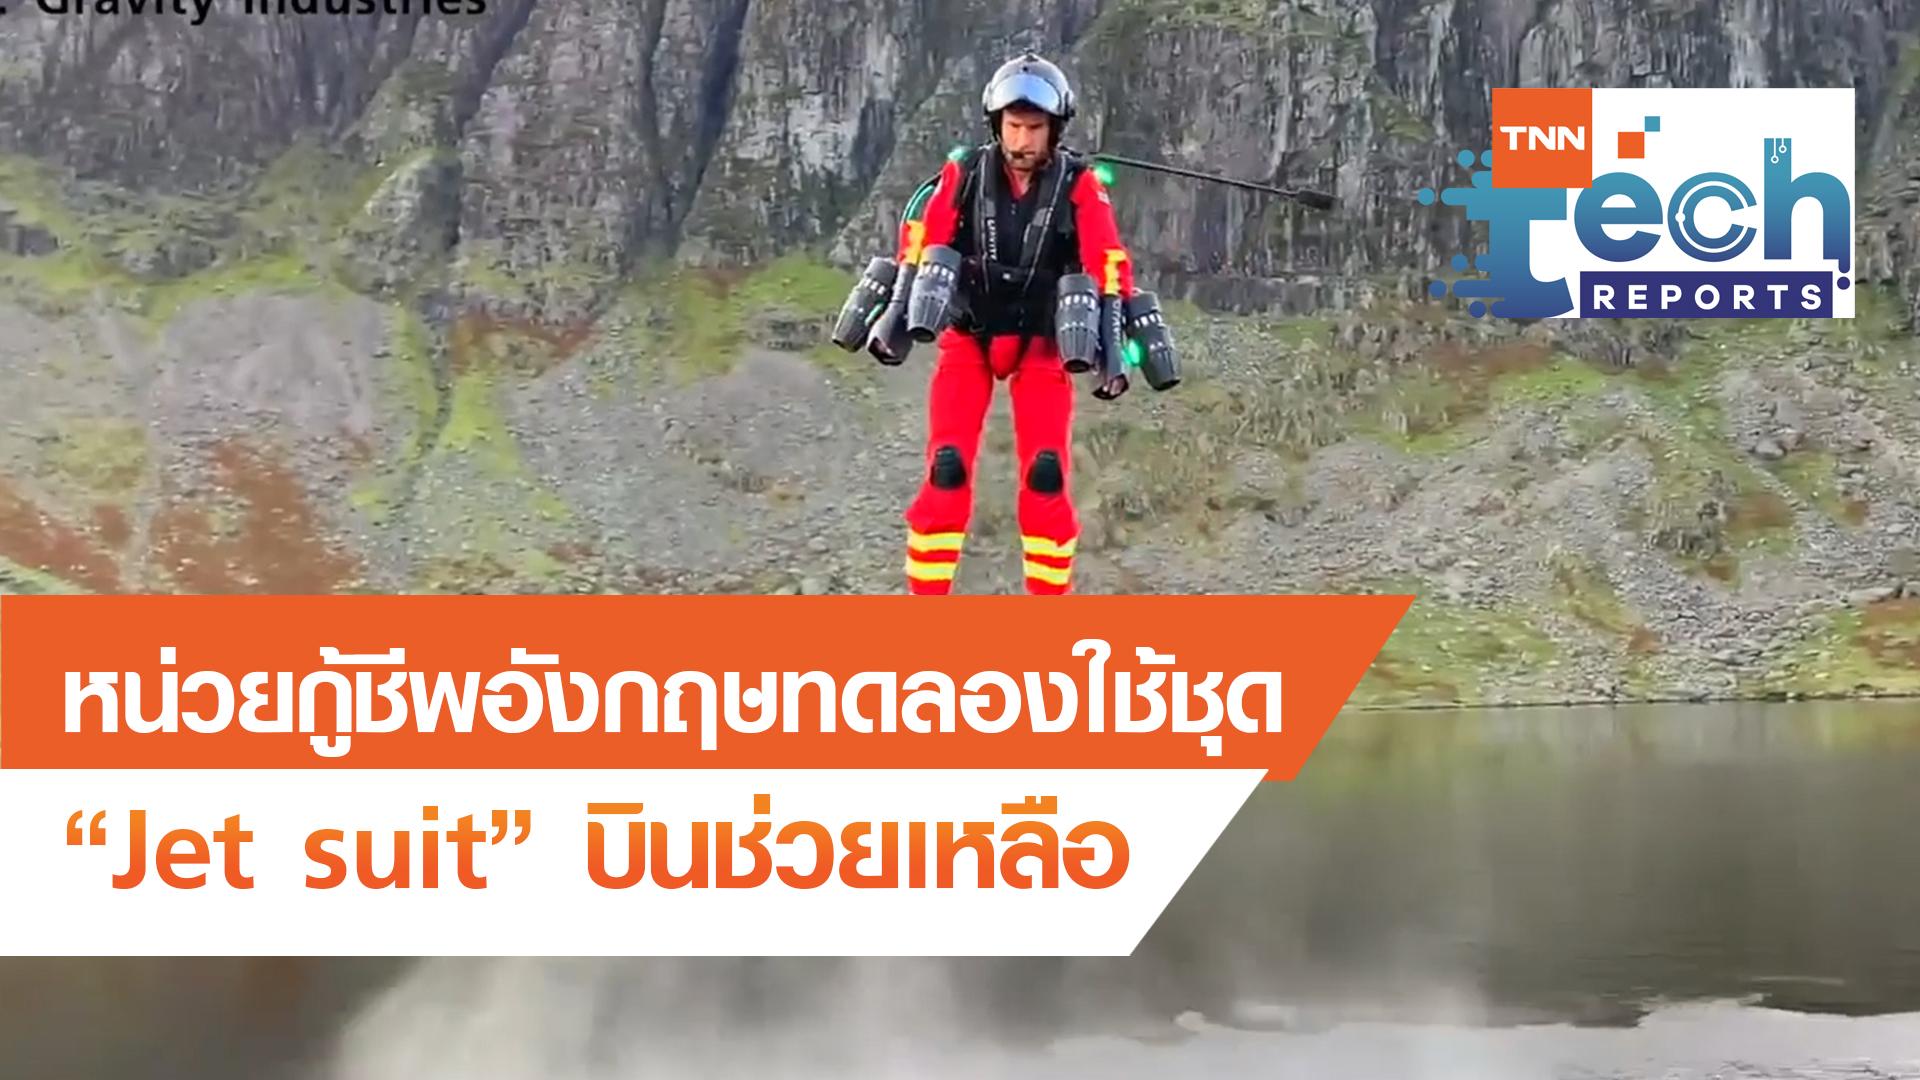 ทดลองใช้ชุด Jet suit บินช่วยเหลือผู้ประสบภัย | TNN Tech Reports EP 7 | 12 ต.ค. 63